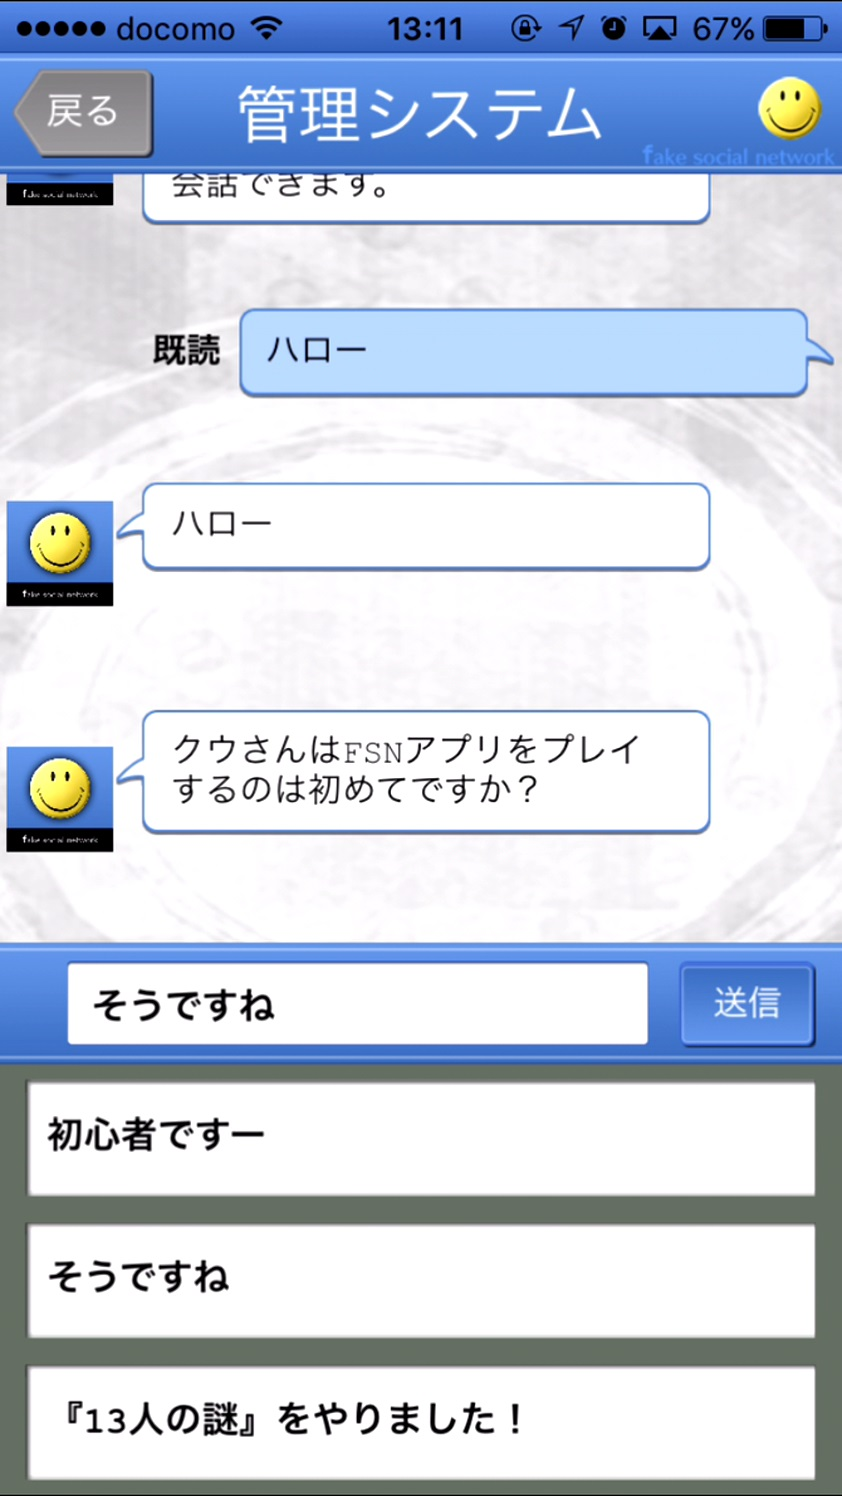 リアルデスゲーム - Fake Social Network - androidアプリスクリーンショット1